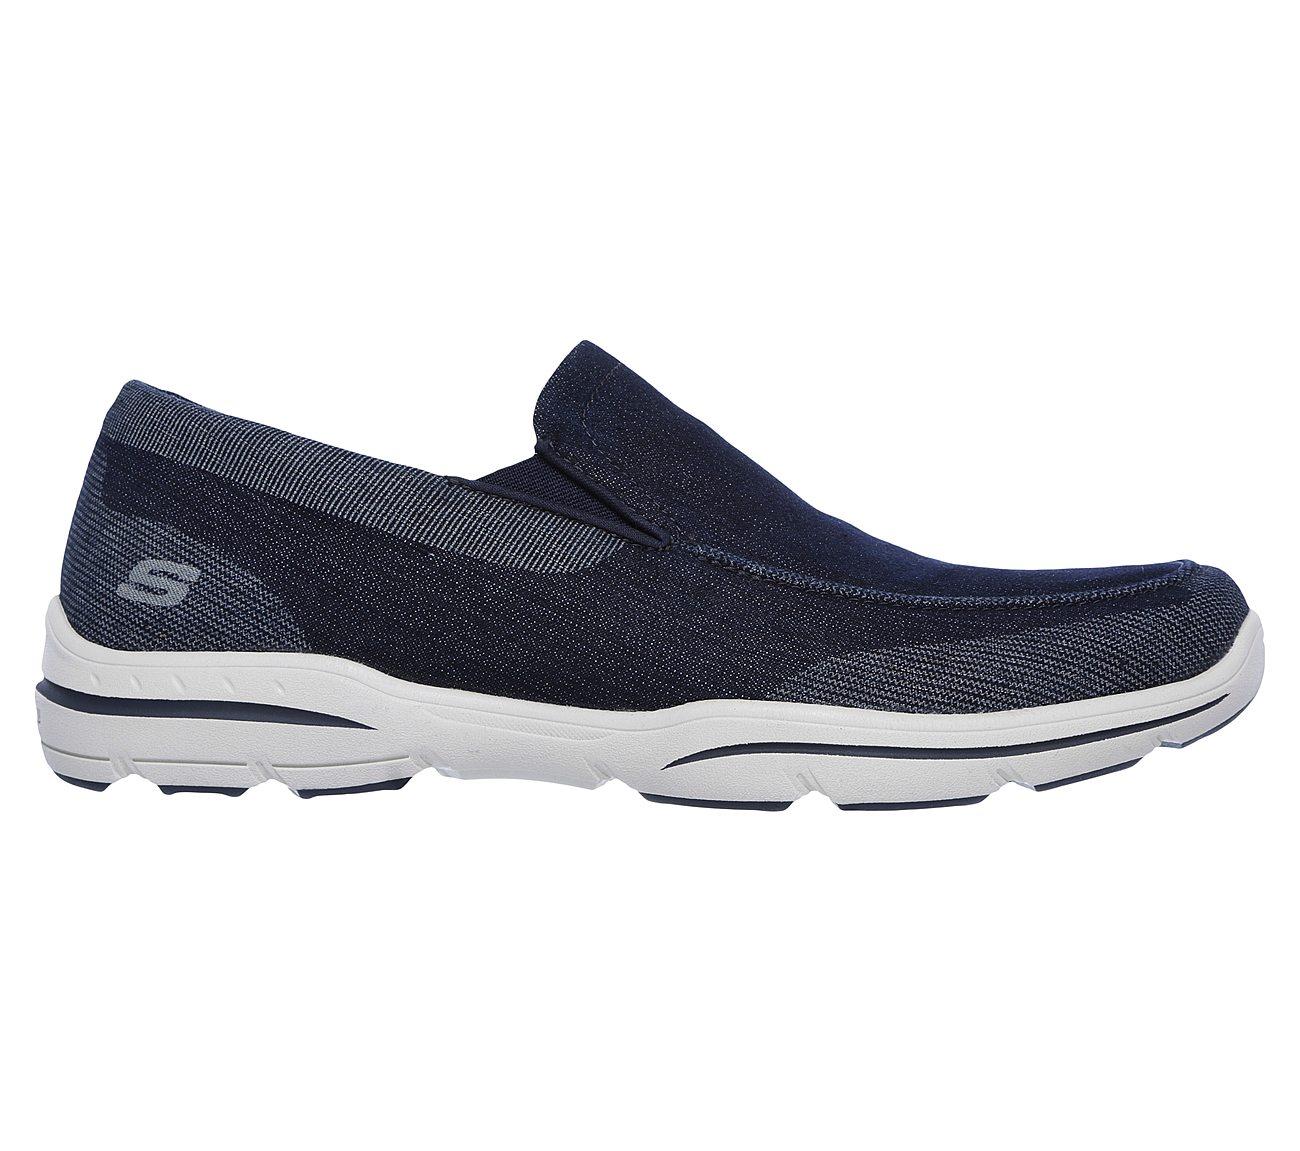 mens wide shoes 4e images wide mens shoes velcro